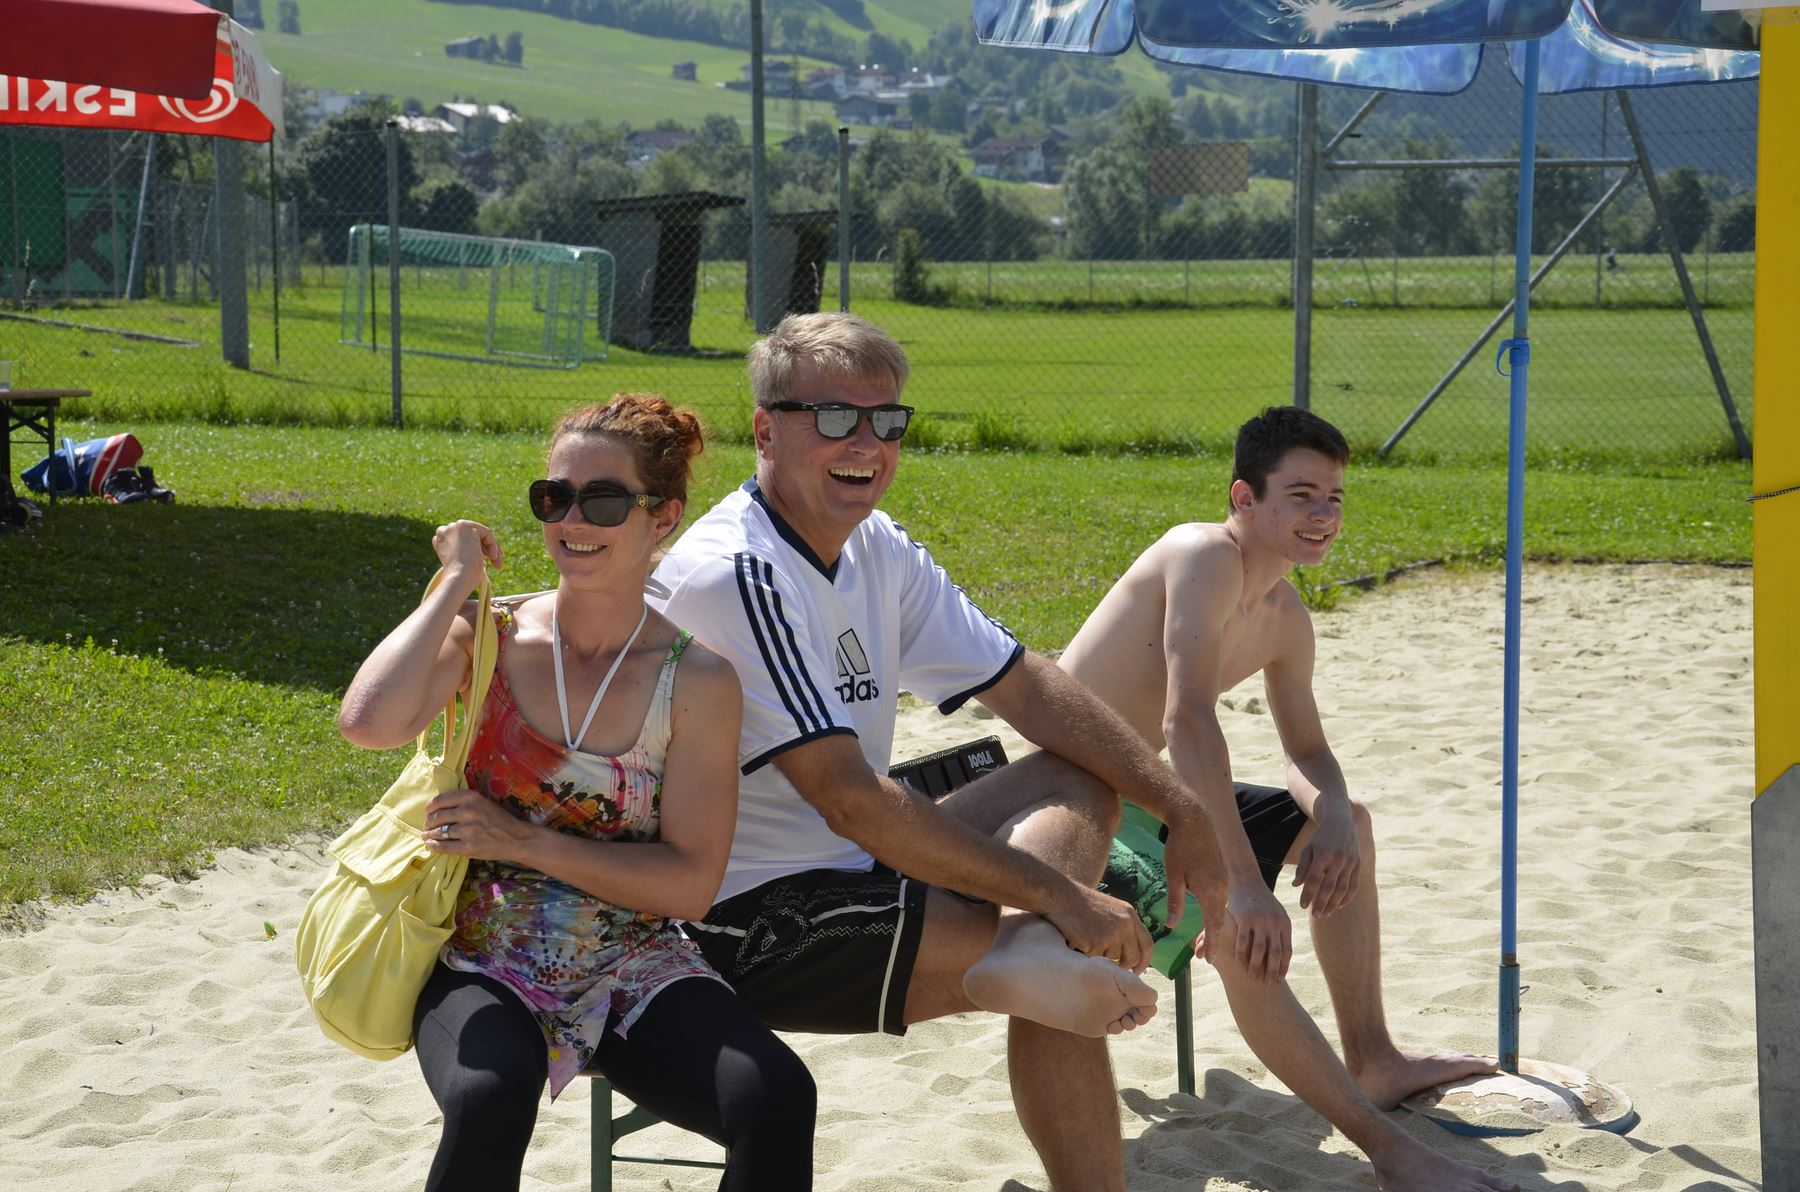 2015-07-04 Beachvolleyballturnier BV Zillertal 024